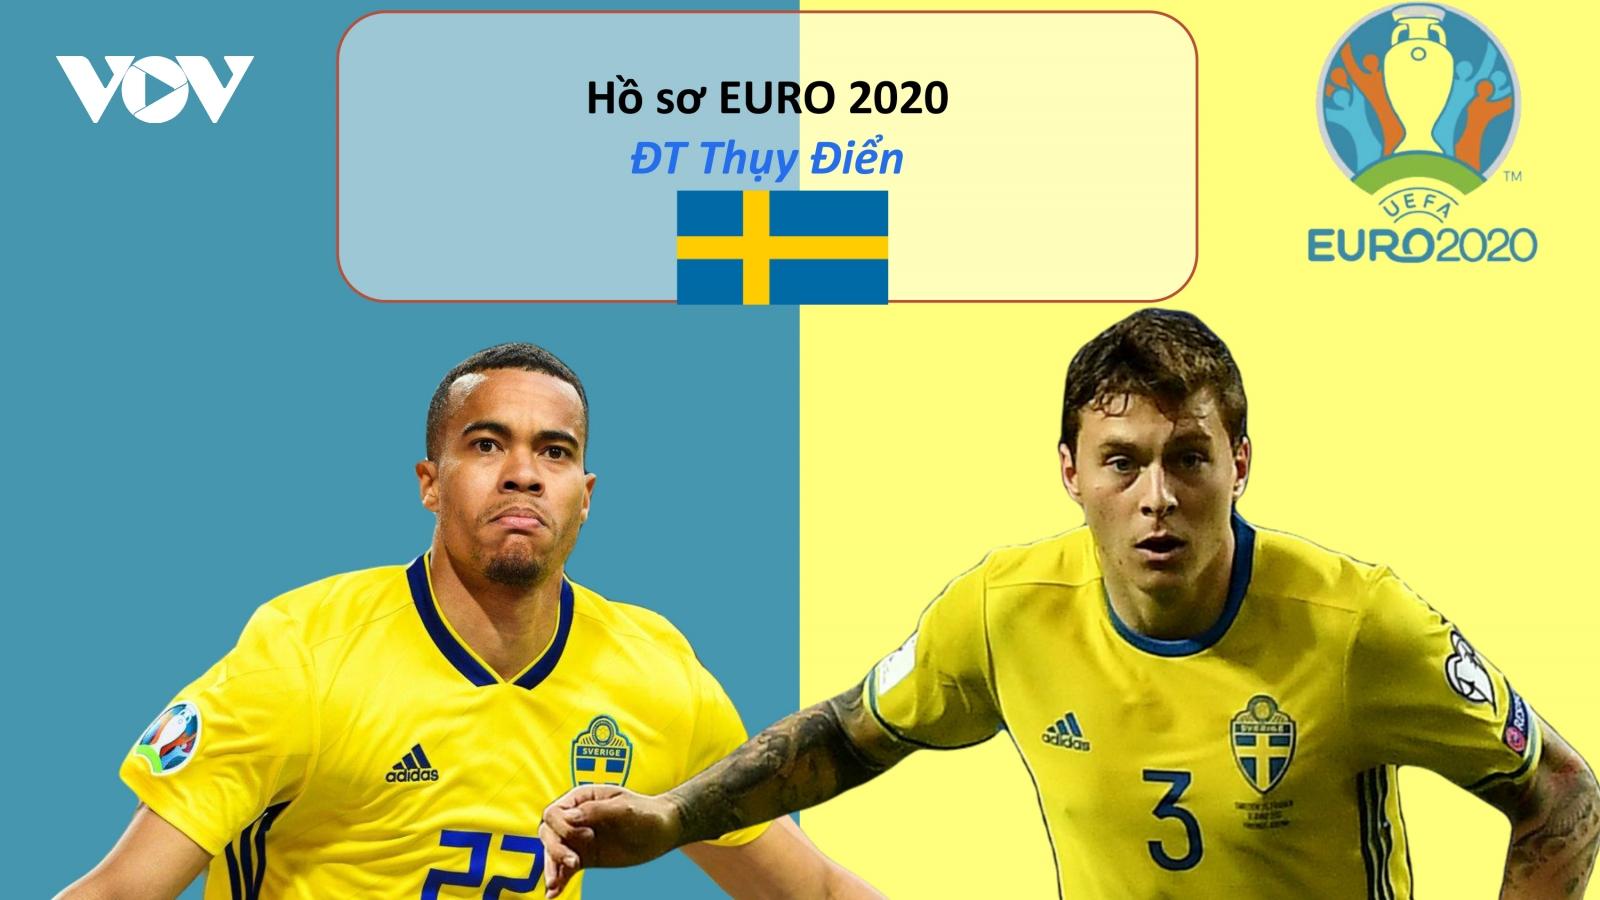 Hồ sơ các ĐT dự EURO 2020: Đội tuyển Thụy Điển